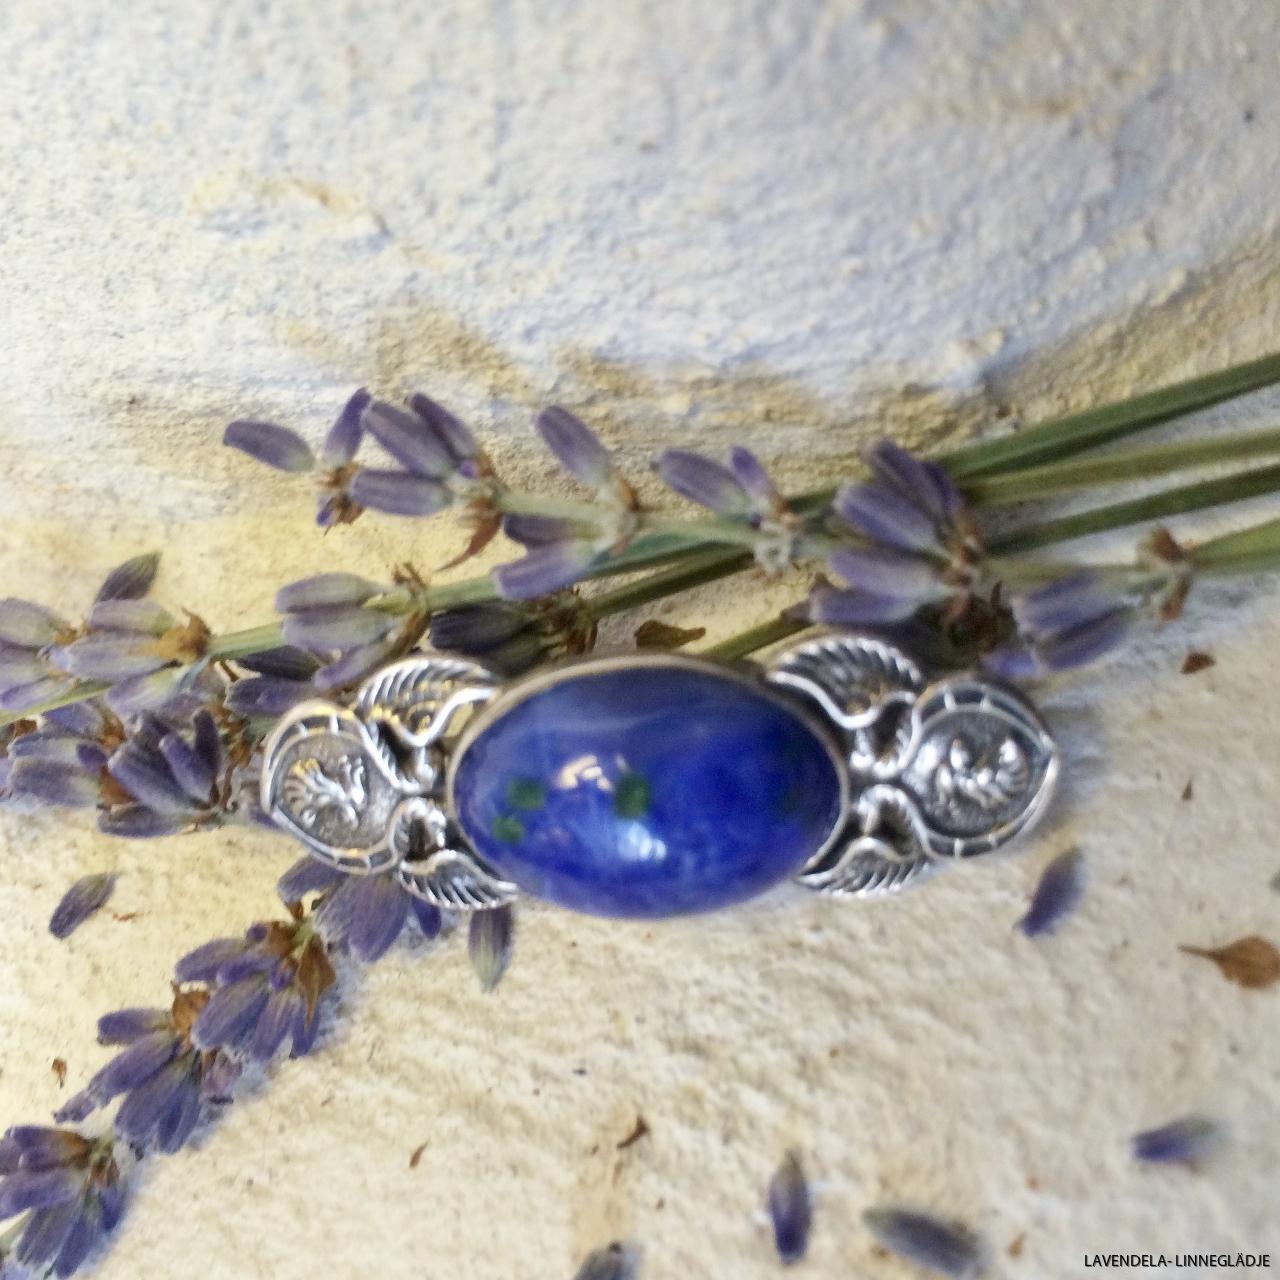 Den blå stenen